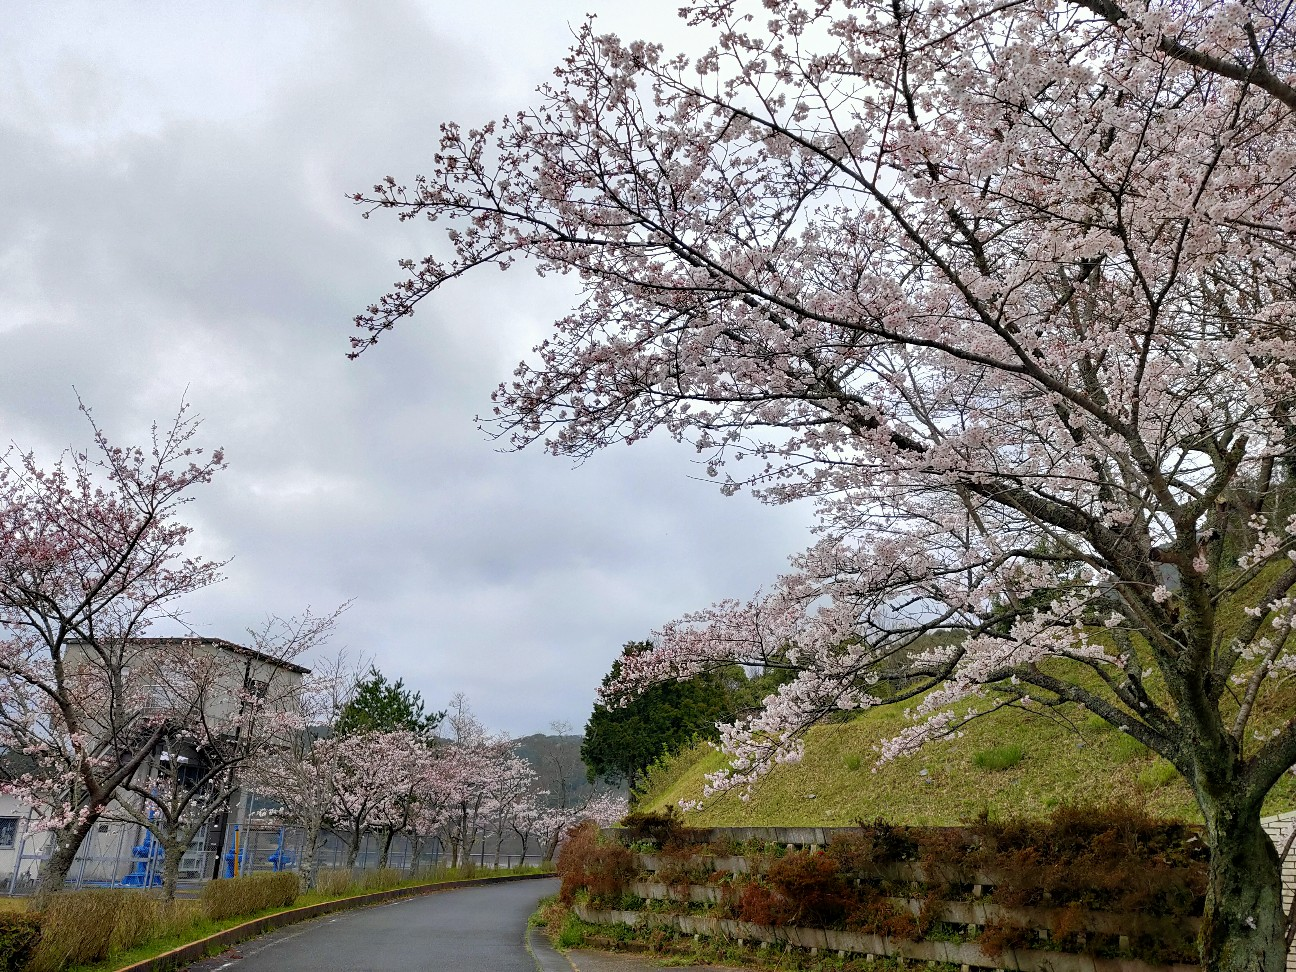 f:id:shingo_shiraishi:20200329200858j:image